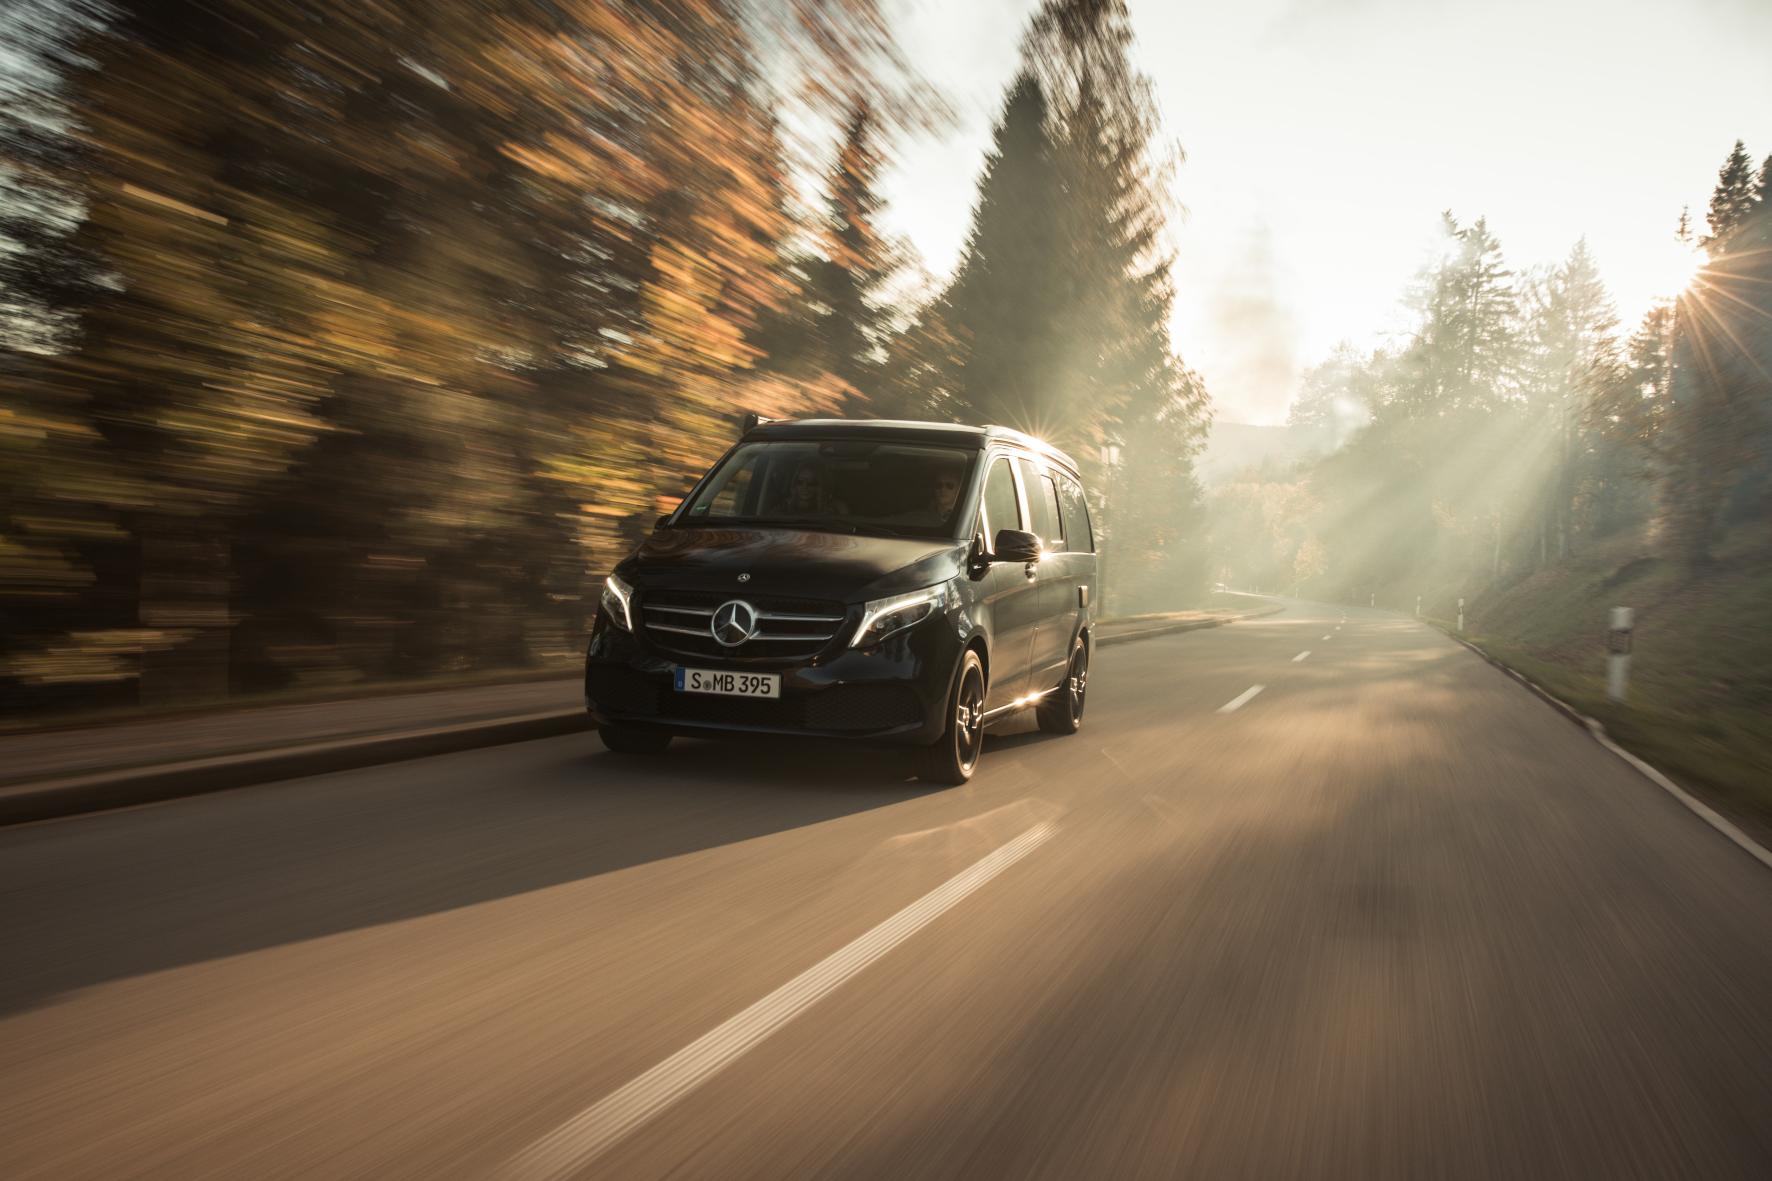 mid Groß-Gerau - Mit 239 PS ab ins Wochenende. Der neue große Dieselmotor bietet gute Fahrleistungen, dann wird er aber durstig. Daimler